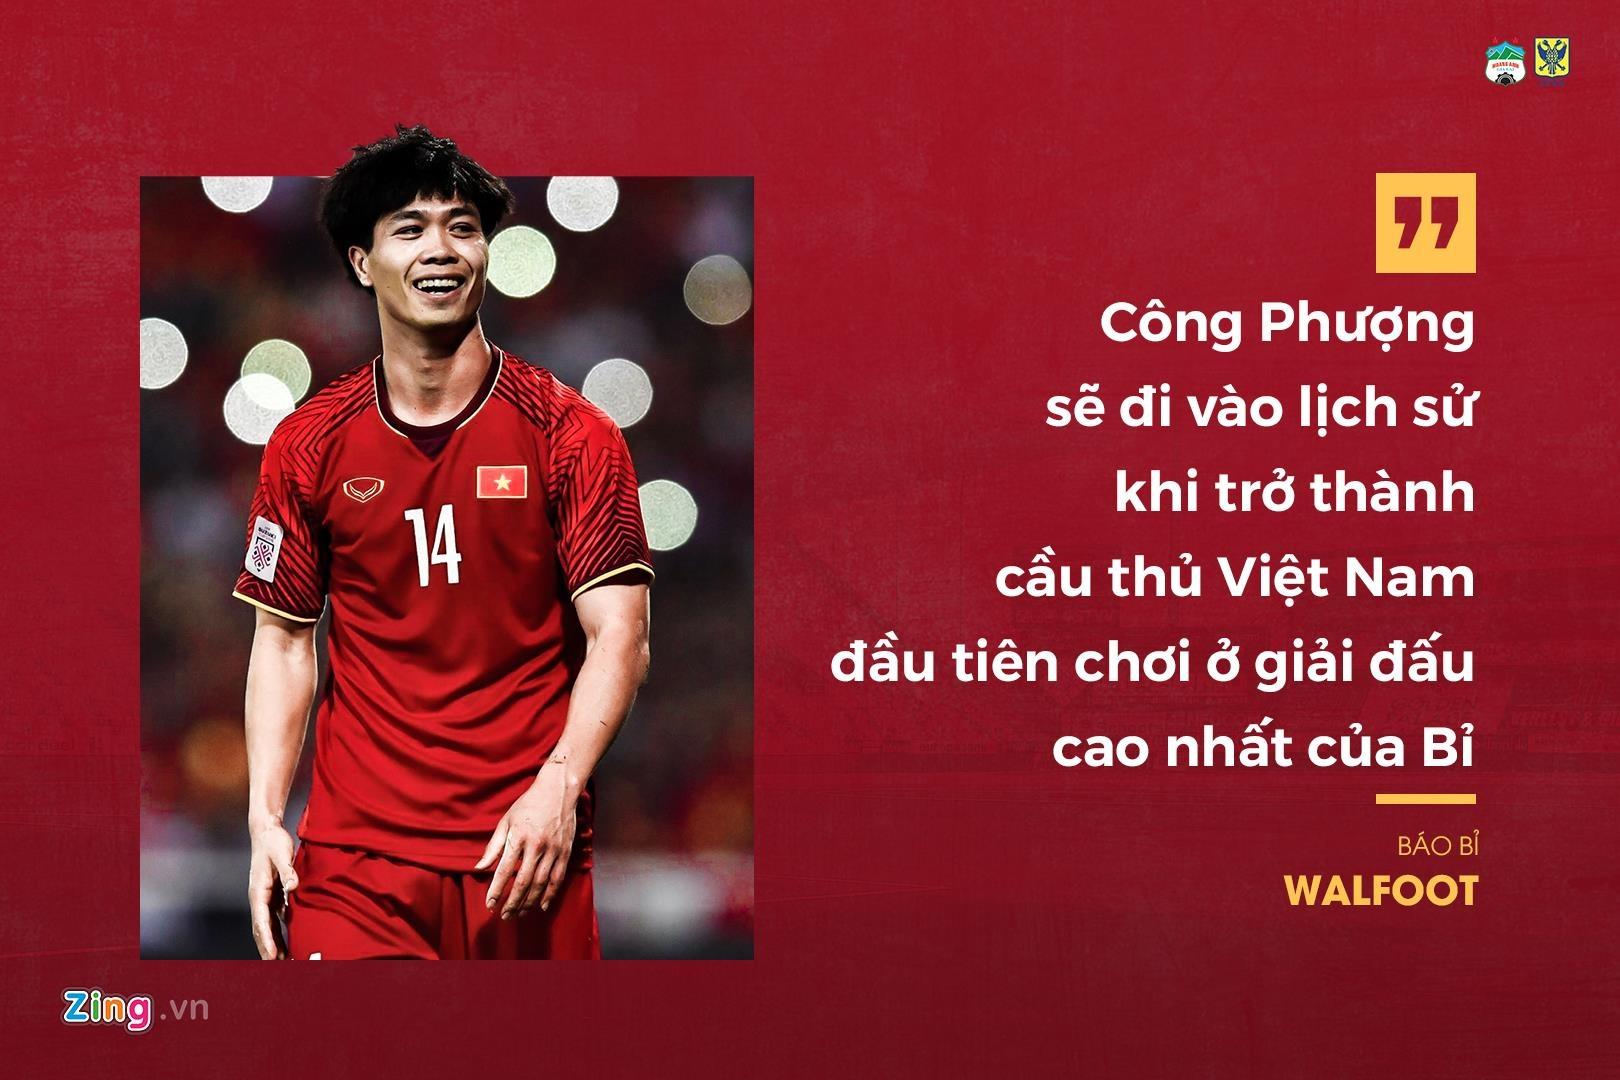 Những thông tin cơ bản về Công Phượng lần lượt được đăng tải trên các tờ báo nước Bỉ. Trang Walfoot gọi Công Phượng là ngôi sao sáng nhất nền bóng đá nước nhà và là